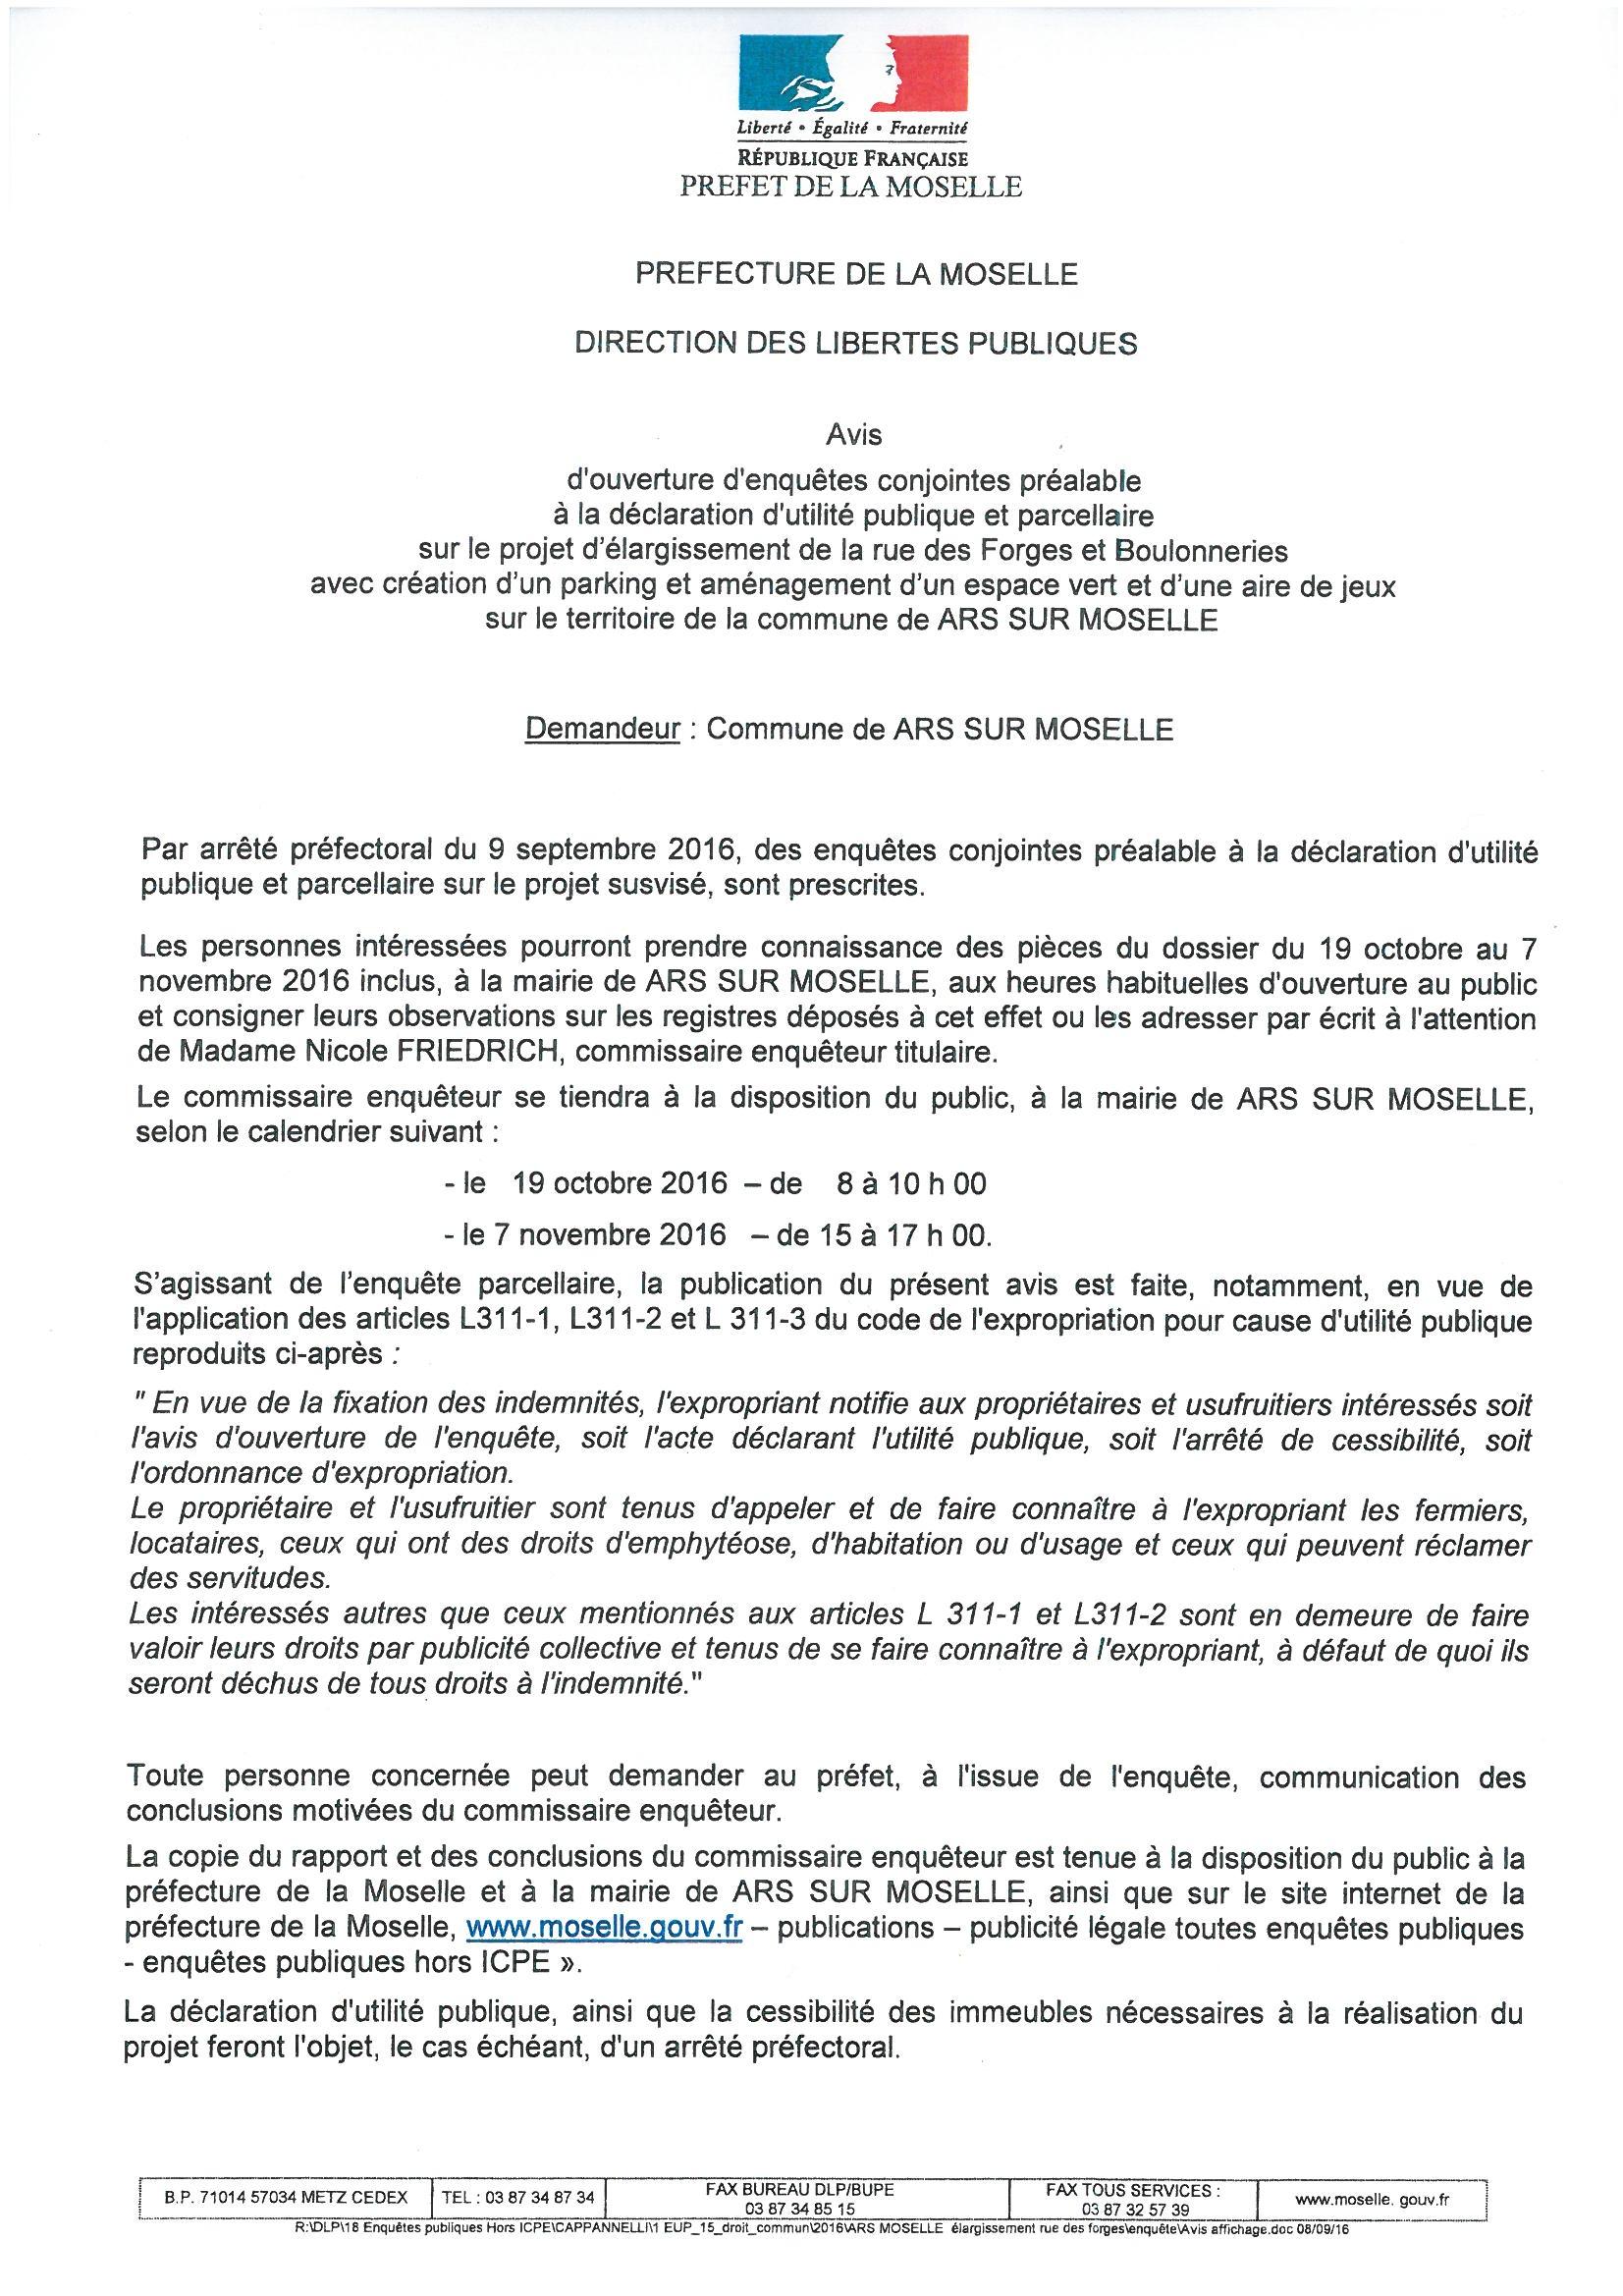 ENQUETES PUBLIQUES - DUP-  rue des Forges et Boulonneries